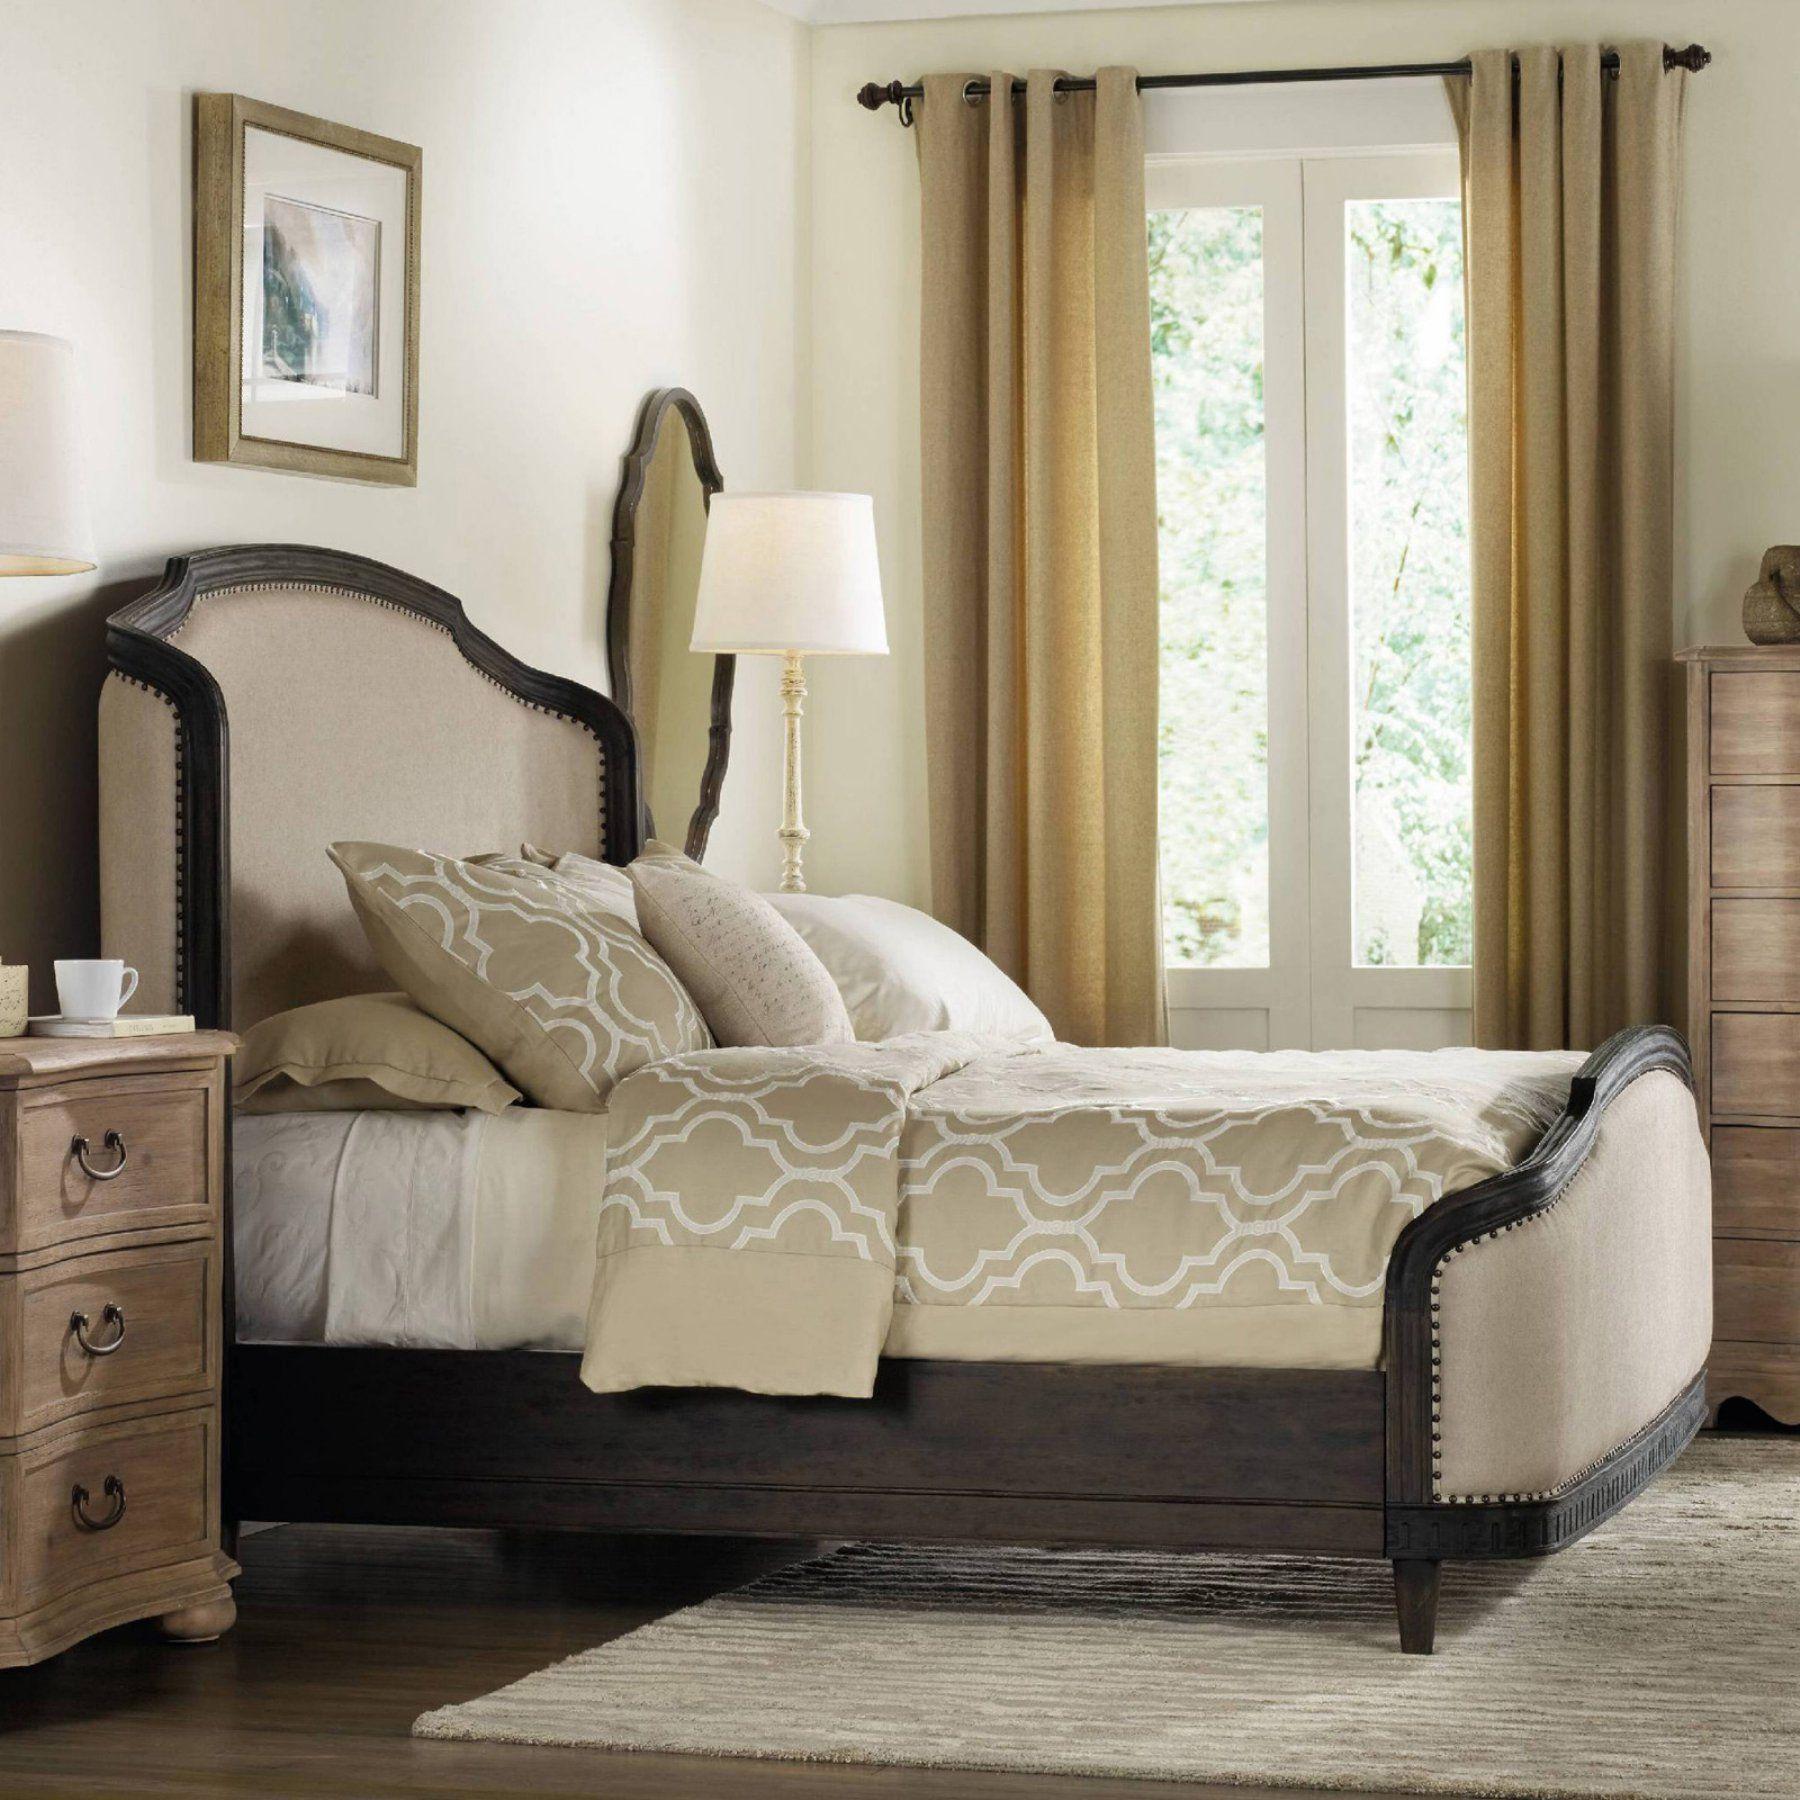 Hooker bedroom furniture Hooker Furniture Corsica Dark Shelter Bed 528090866 Pinterest Hooker Furniture Corsica Dark Shelter Bed Products Pinterest